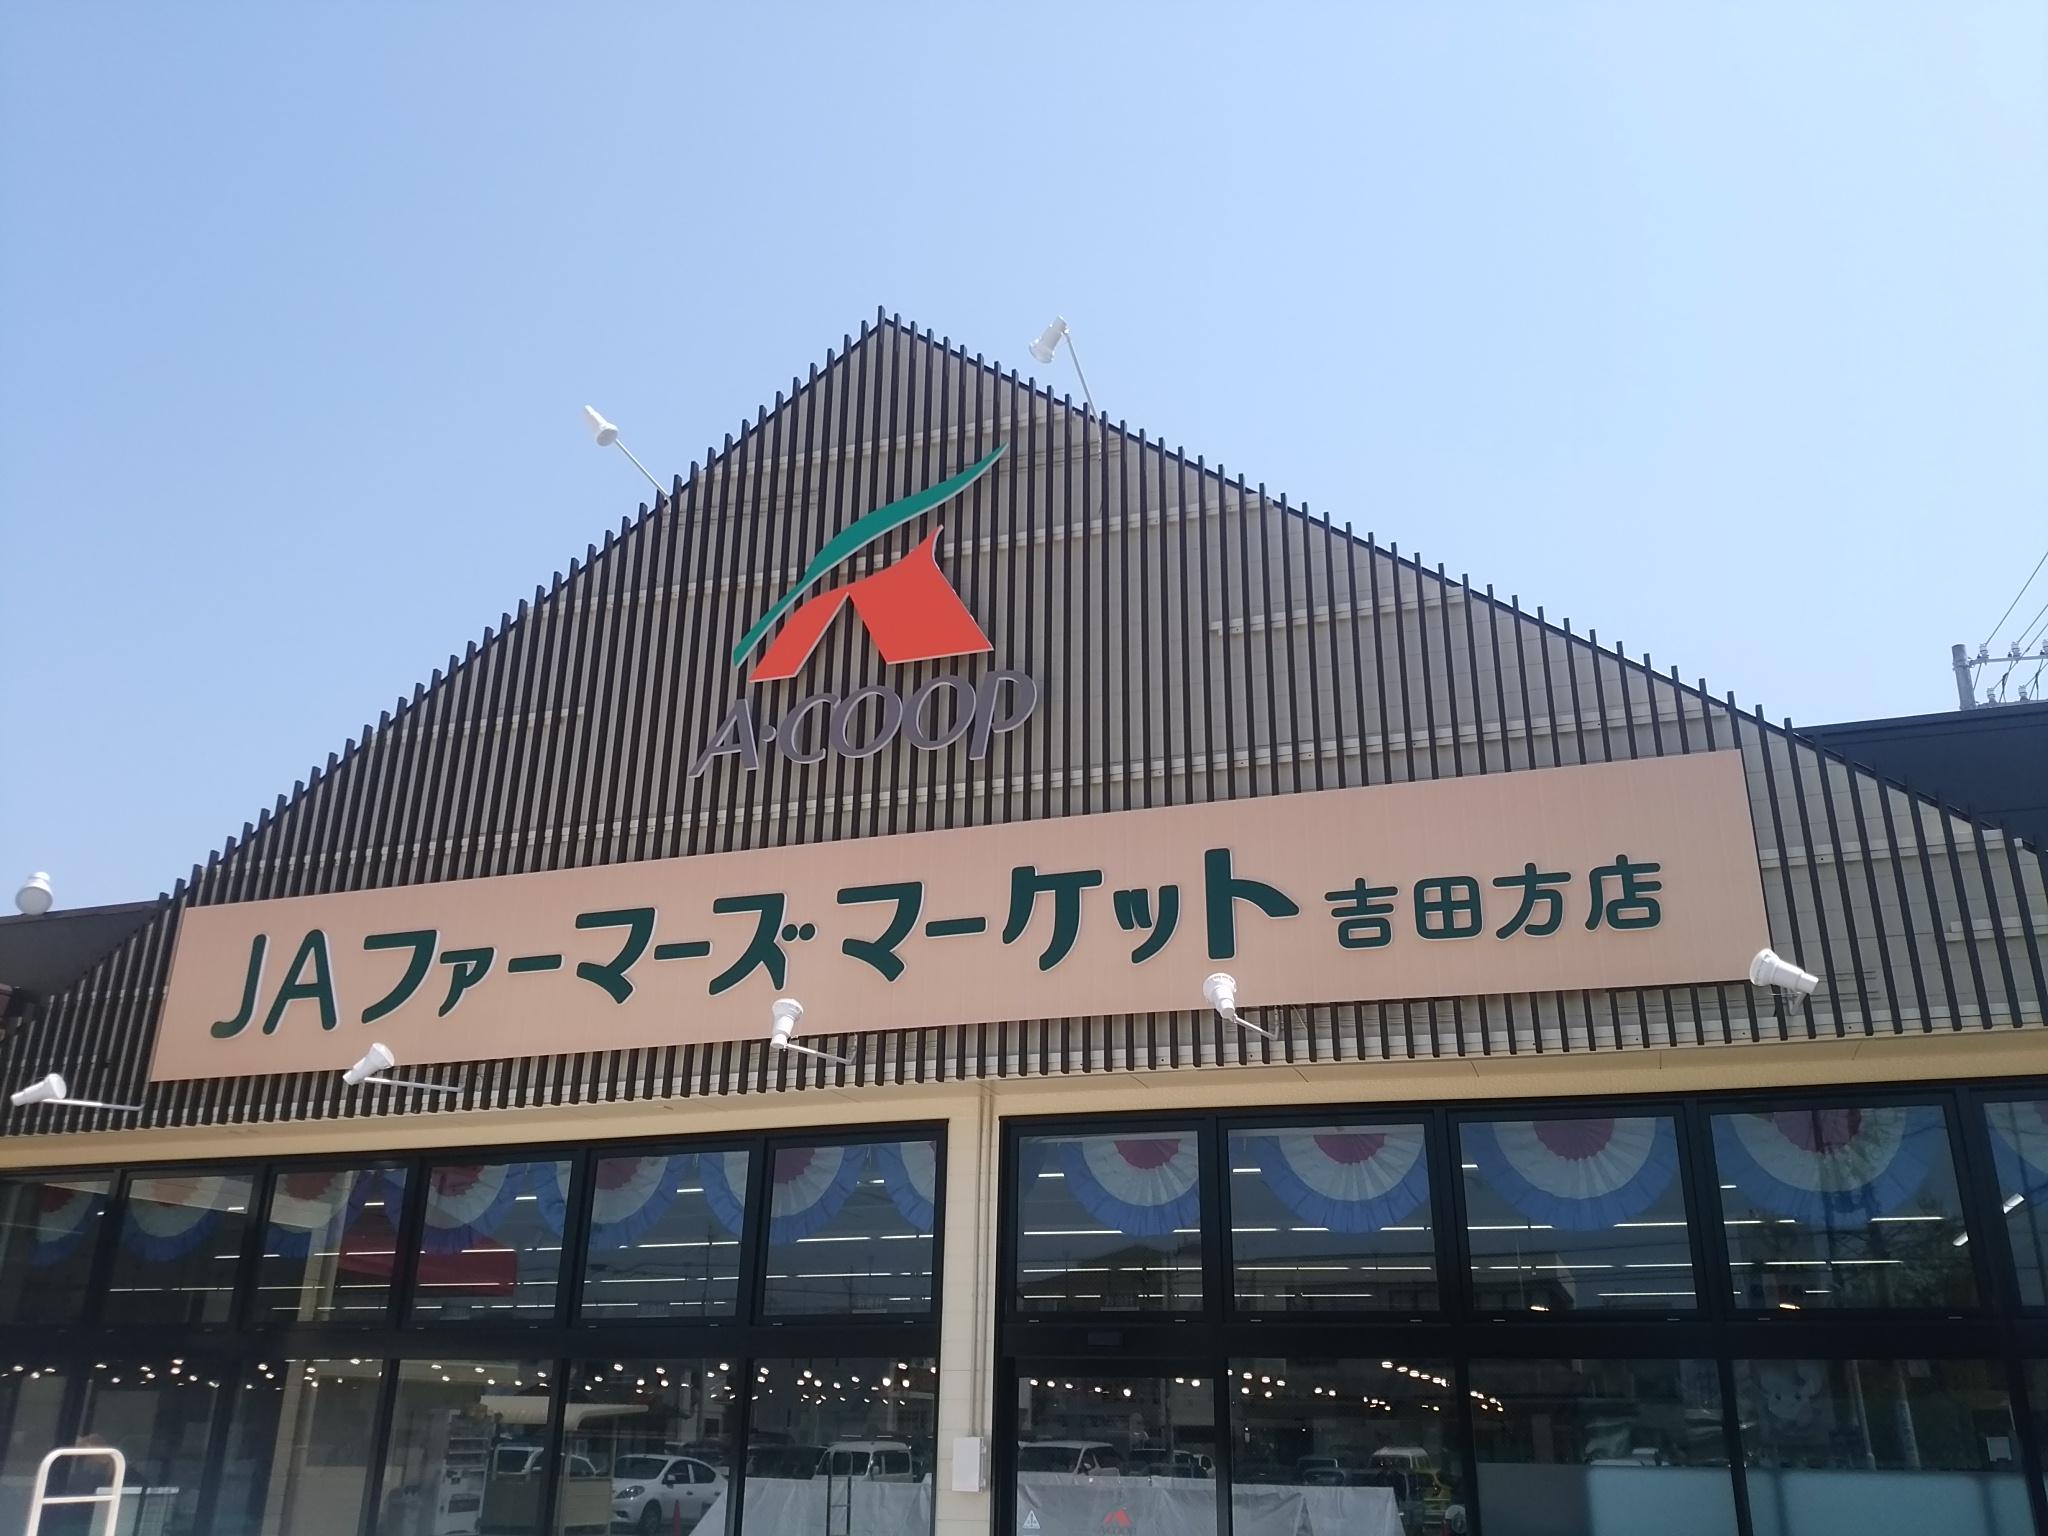 JAファーマーズマーケット吉田方店の写真